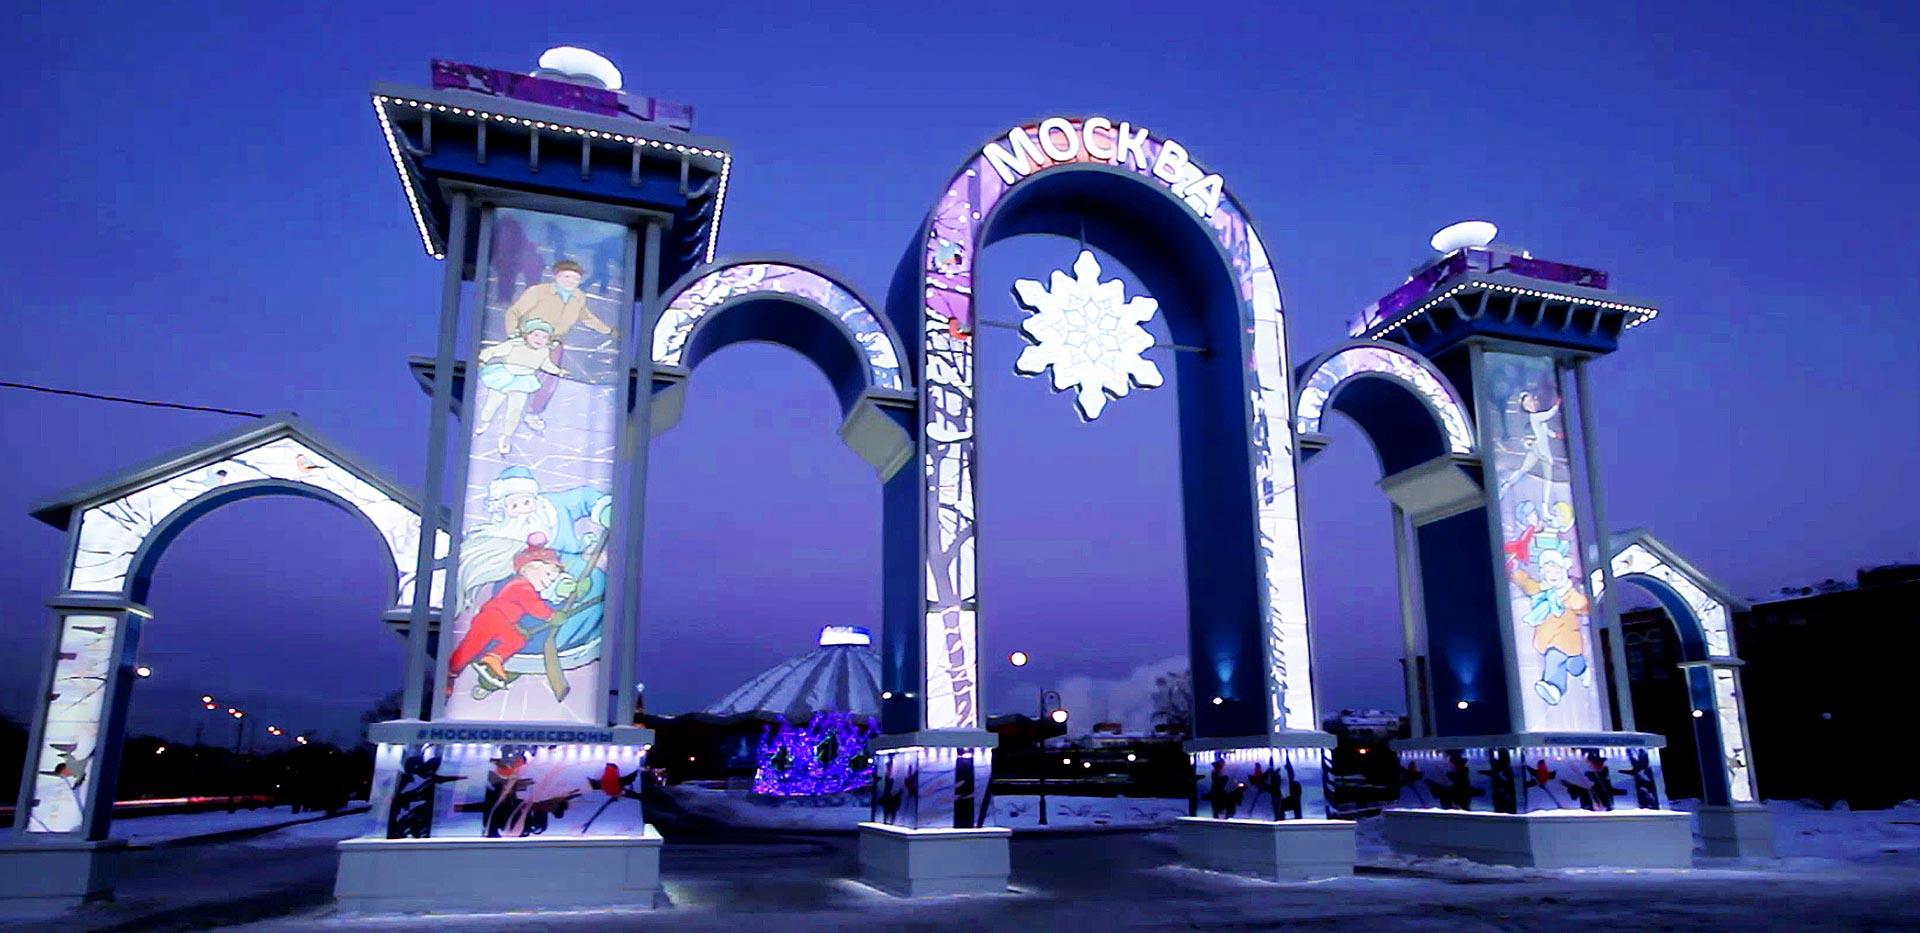 Новогоднее оформление города – монтаж праздничной арки в центре Москвы